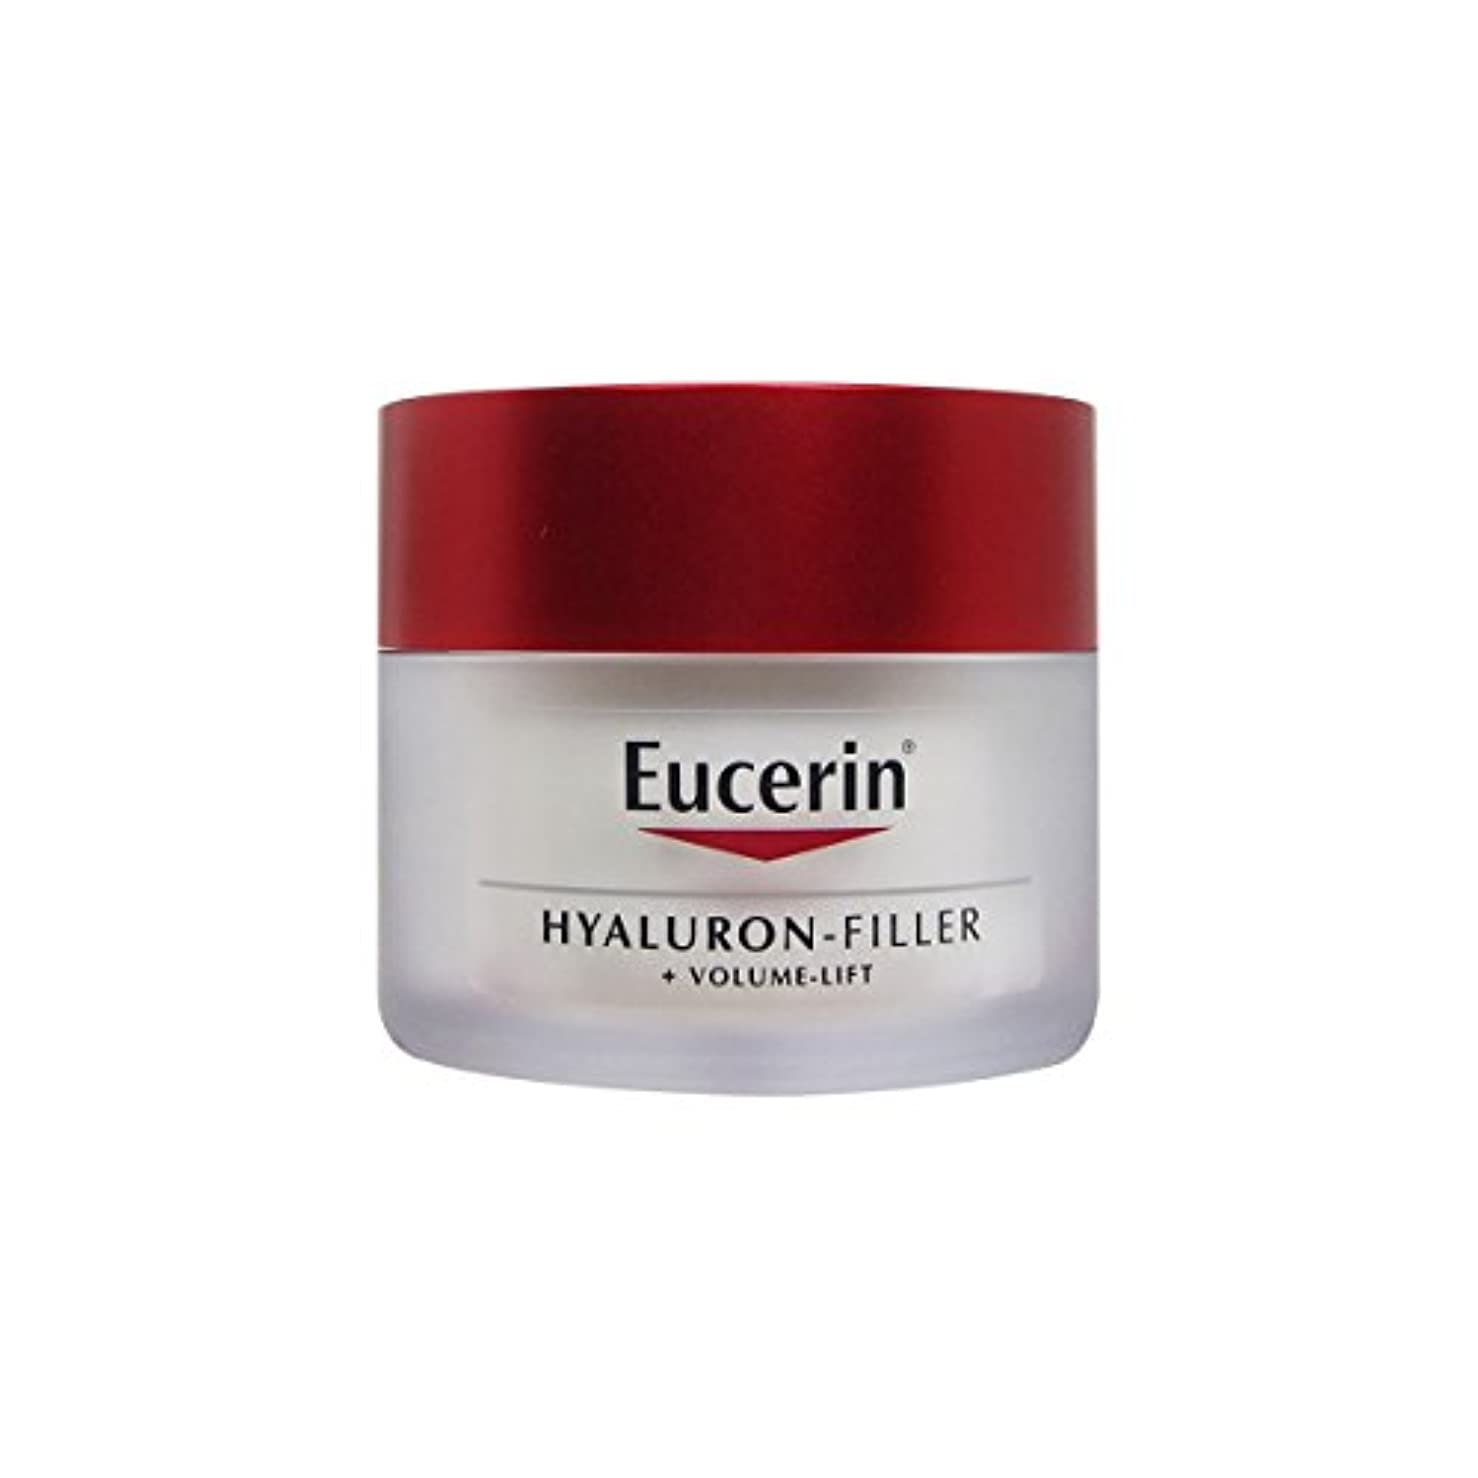 汚染する確執来てEucerin Hyaluron Filler + Volume Lift Day Cream Dry Skin 50ml [並行輸入品]